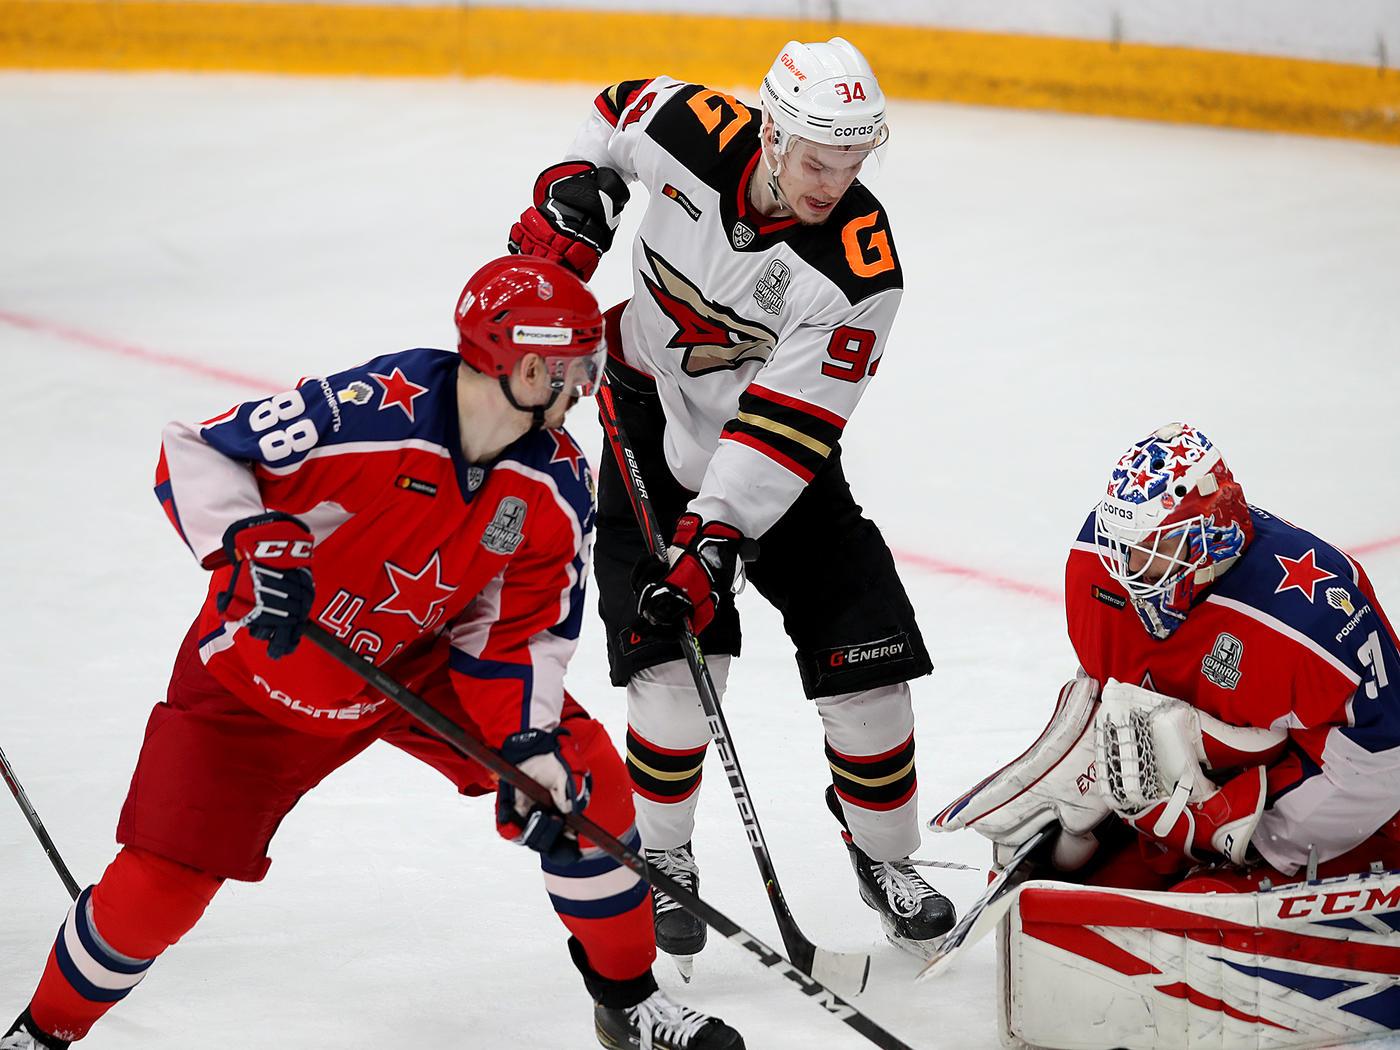 ЦСКА вышел вперед в серии с «Авангардом» в финале Кубка Гагарина - фото